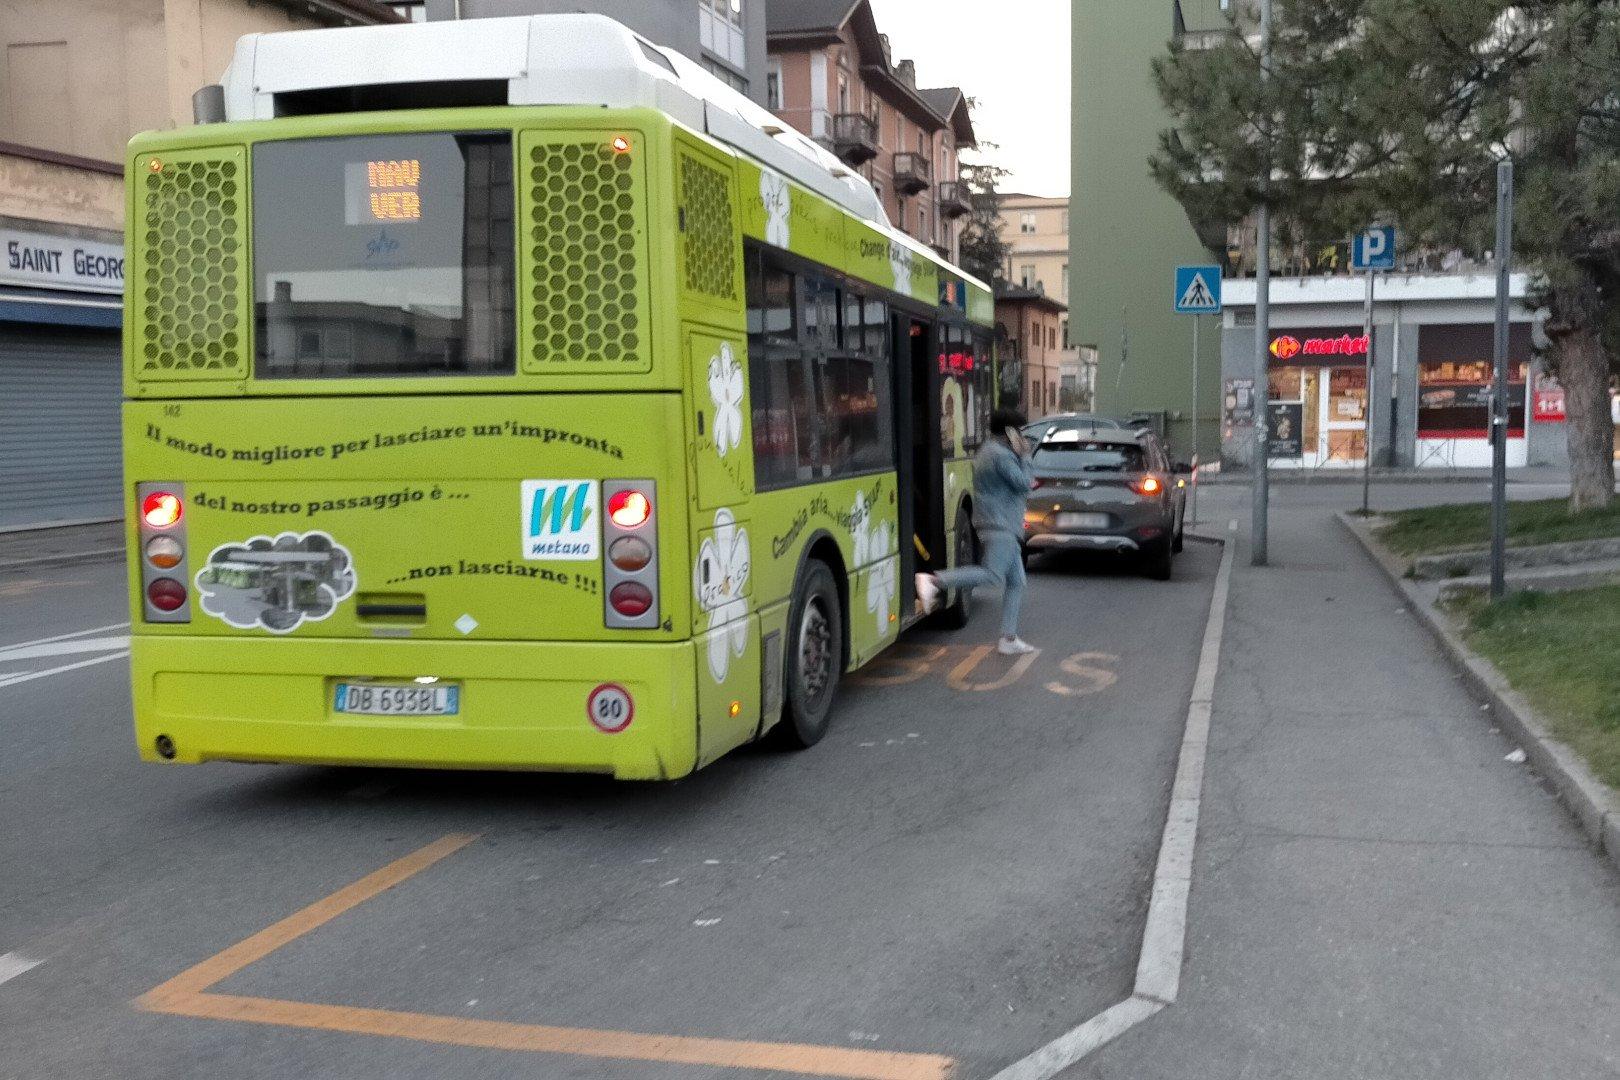 Resta gratis, per l'utenza, fino al 13 giugno, il trasporto pubblico in Valle d'Aosta: oltre un milione e 300mila euro di finanziamento alle società di trasporti